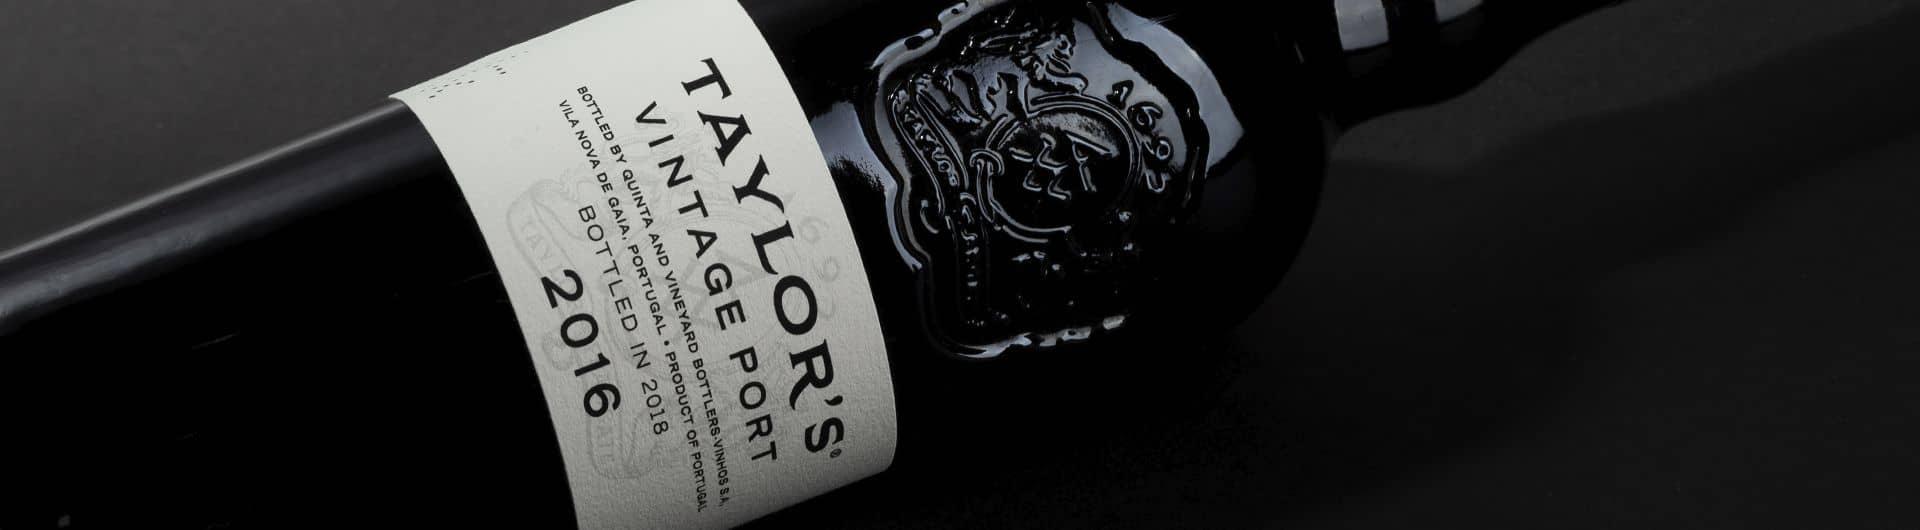 Bottle of Taylor's Port Vintage 2016